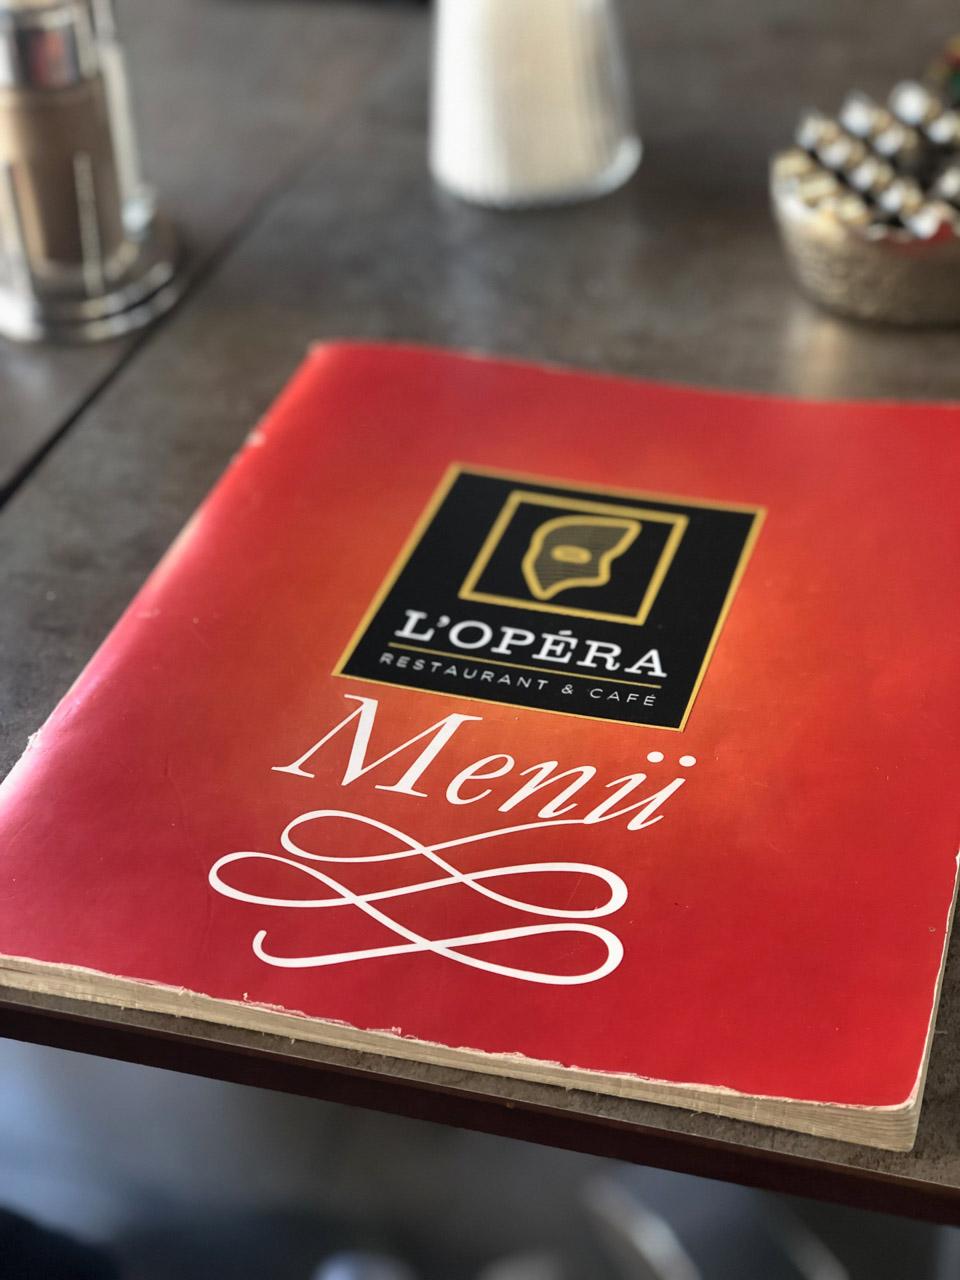 The menu at L'Opera Restaurant & Cafe in Vienna, Austria